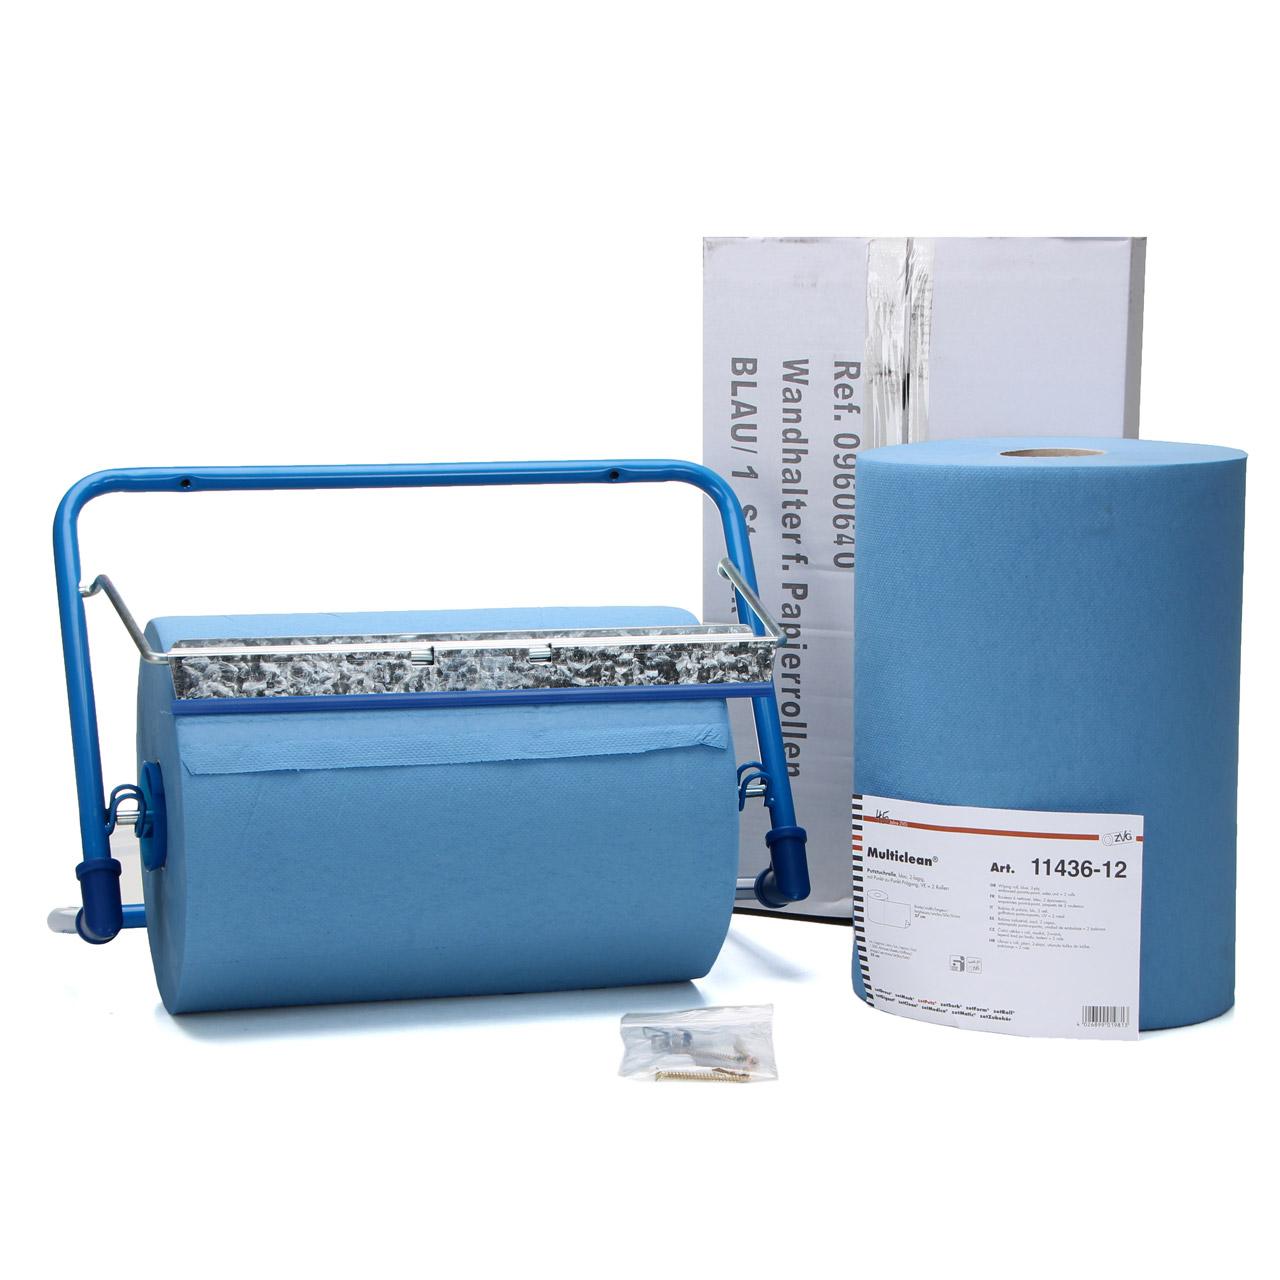 Wandhalter Putztuchrollenhalter bis 38cm + 2x Papiertücher Putztücher 2-LAGIG